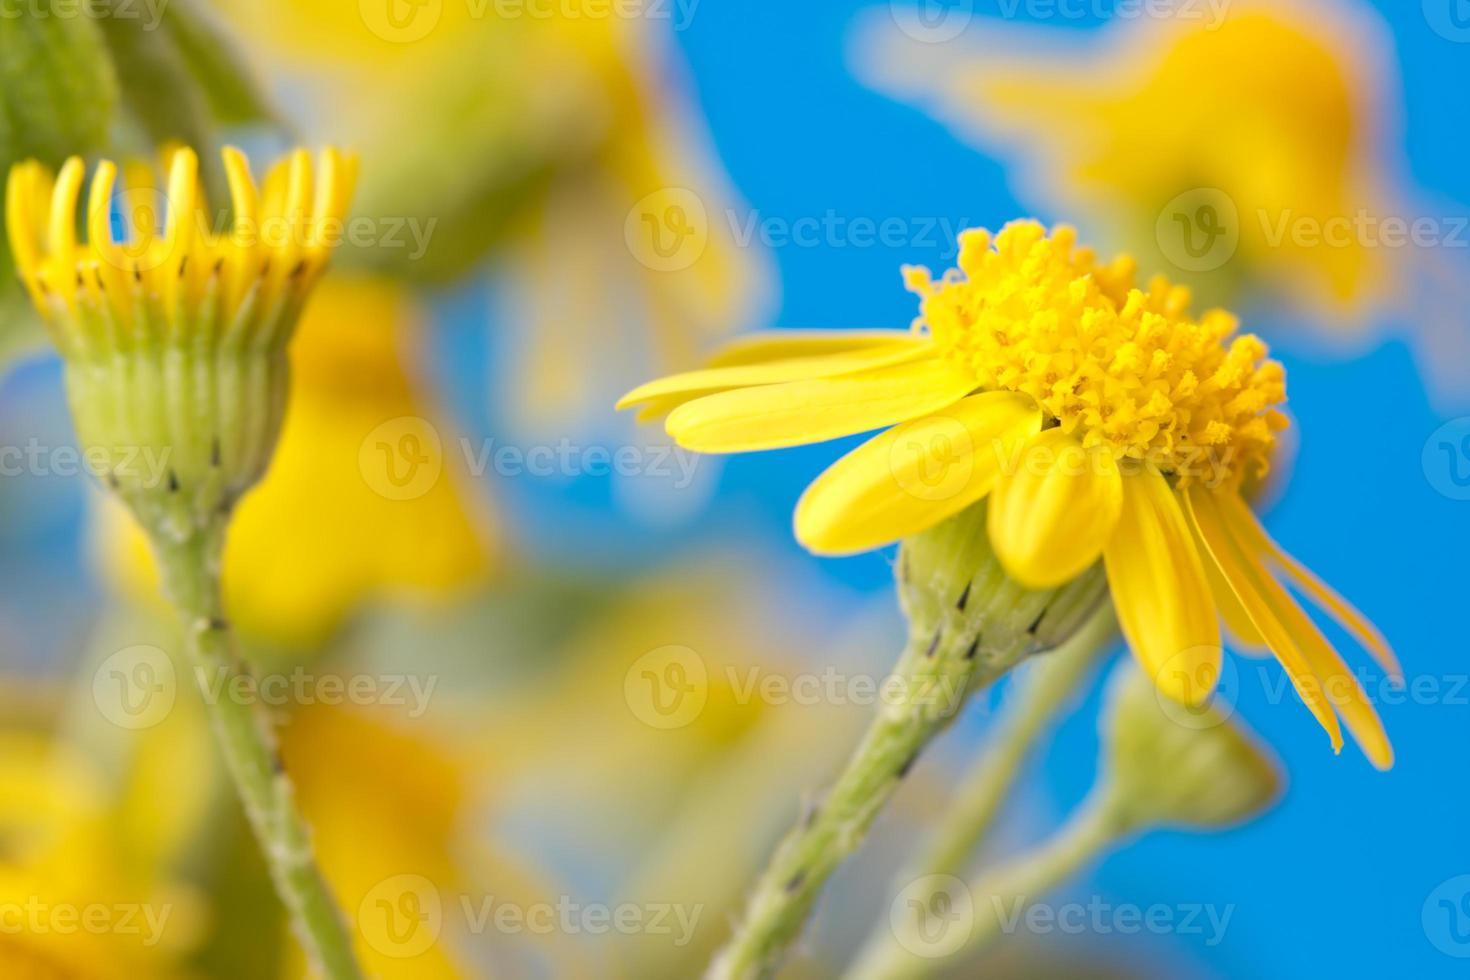 fiori gialli su sfondo blu brillante foto